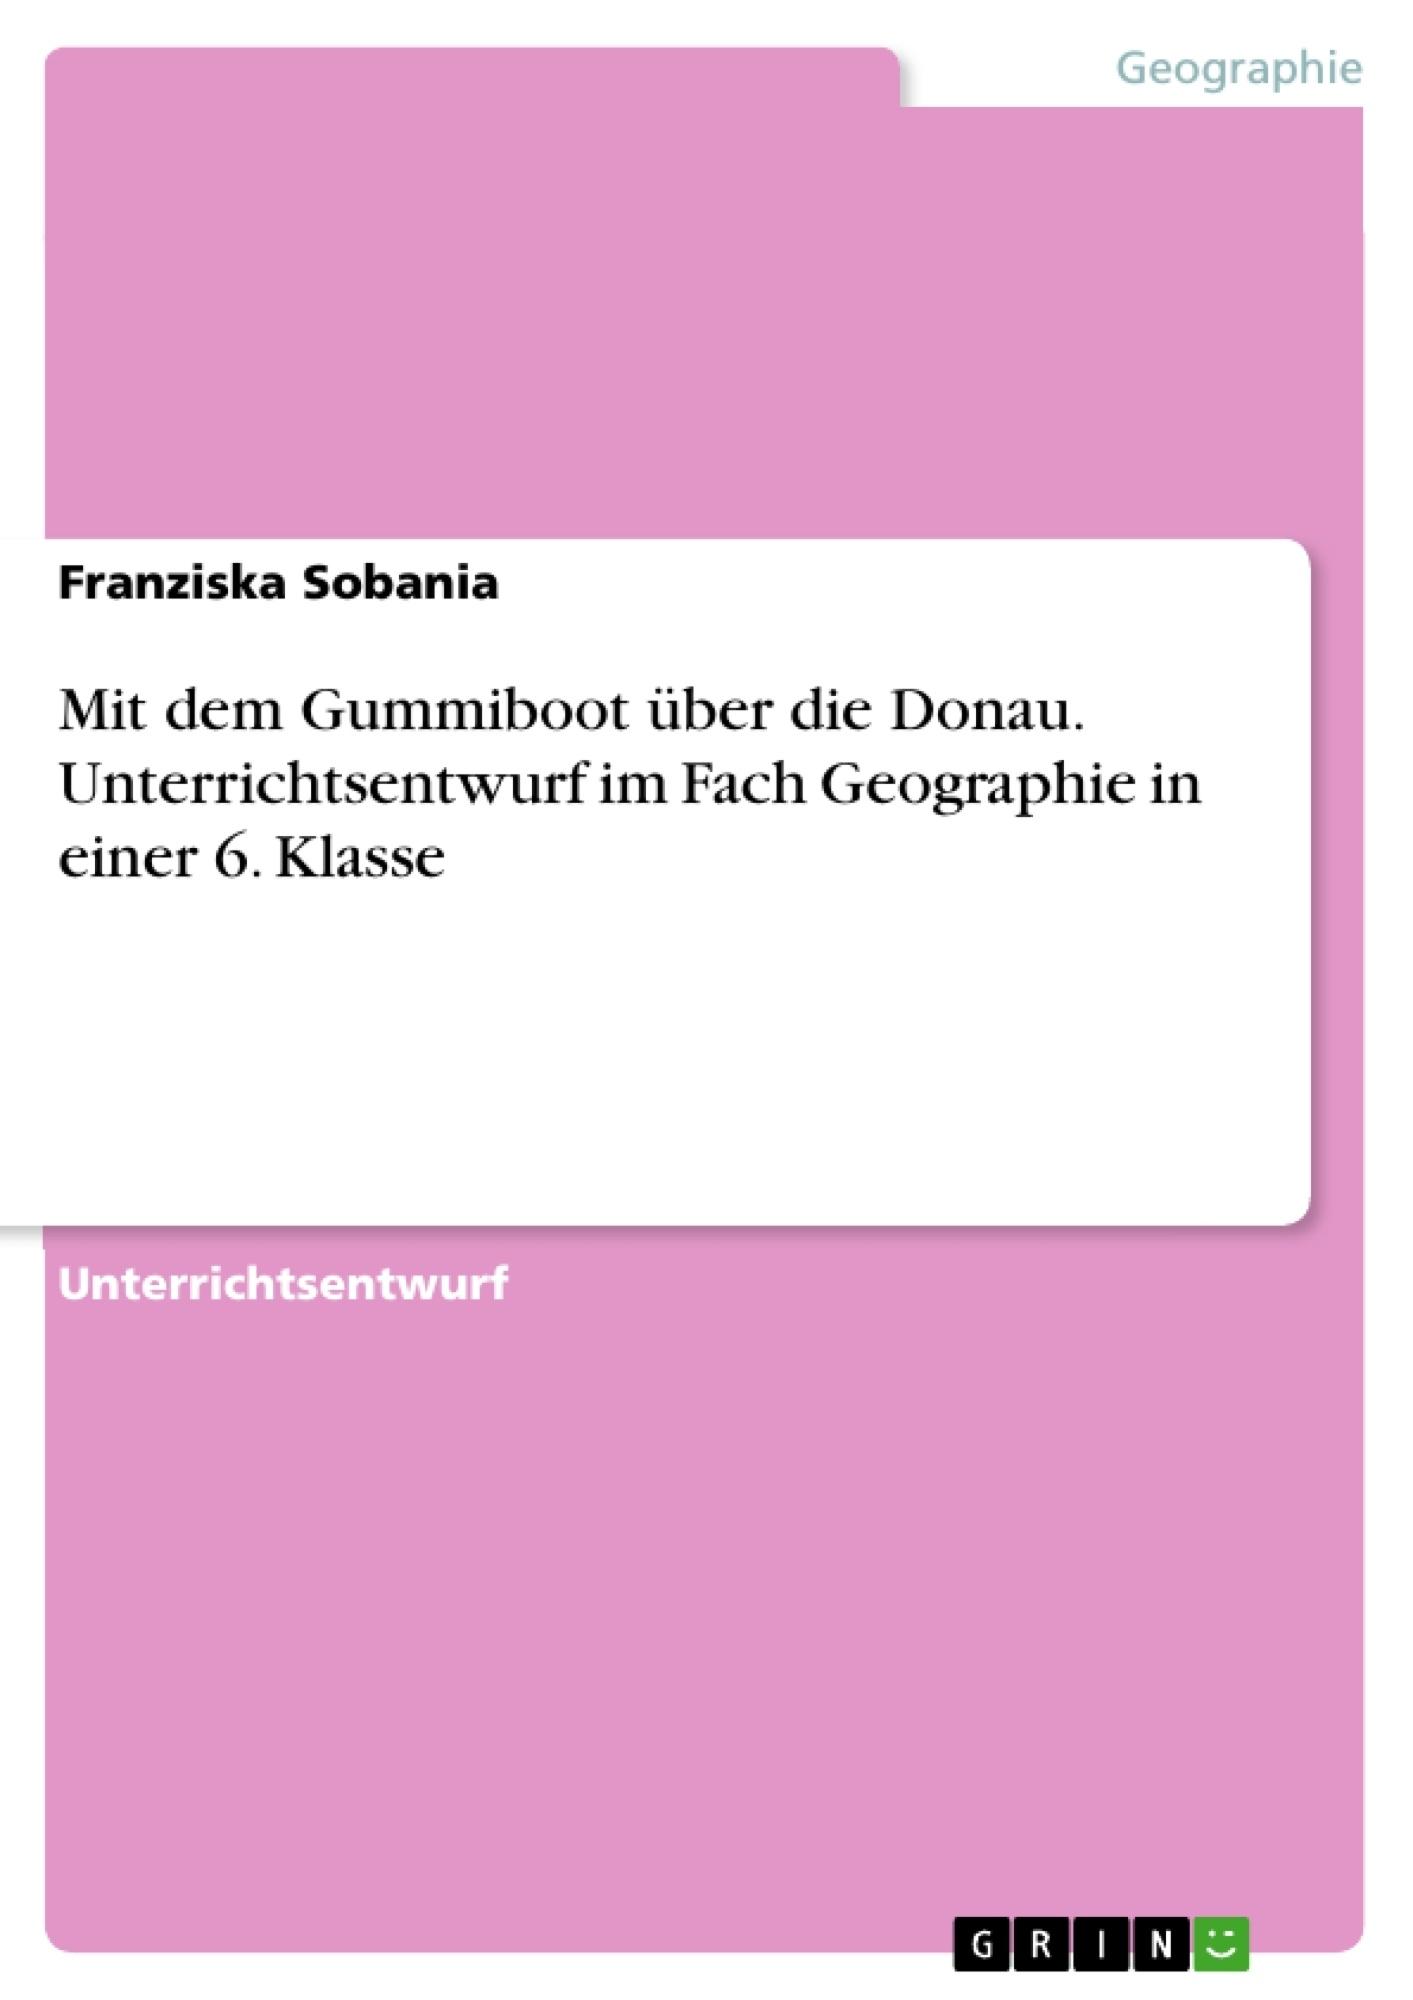 Titel: Mit dem Gummiboot über die Donau. Unterrichtsentwurf im Fach Geographie in einer 6. Klasse